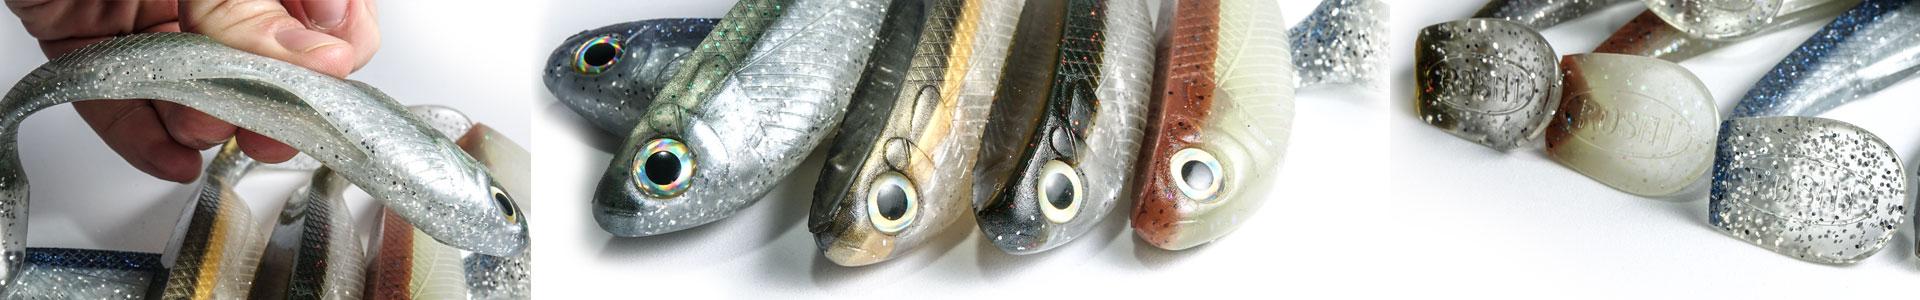 Detalles-rshad-160-roshi-fishing